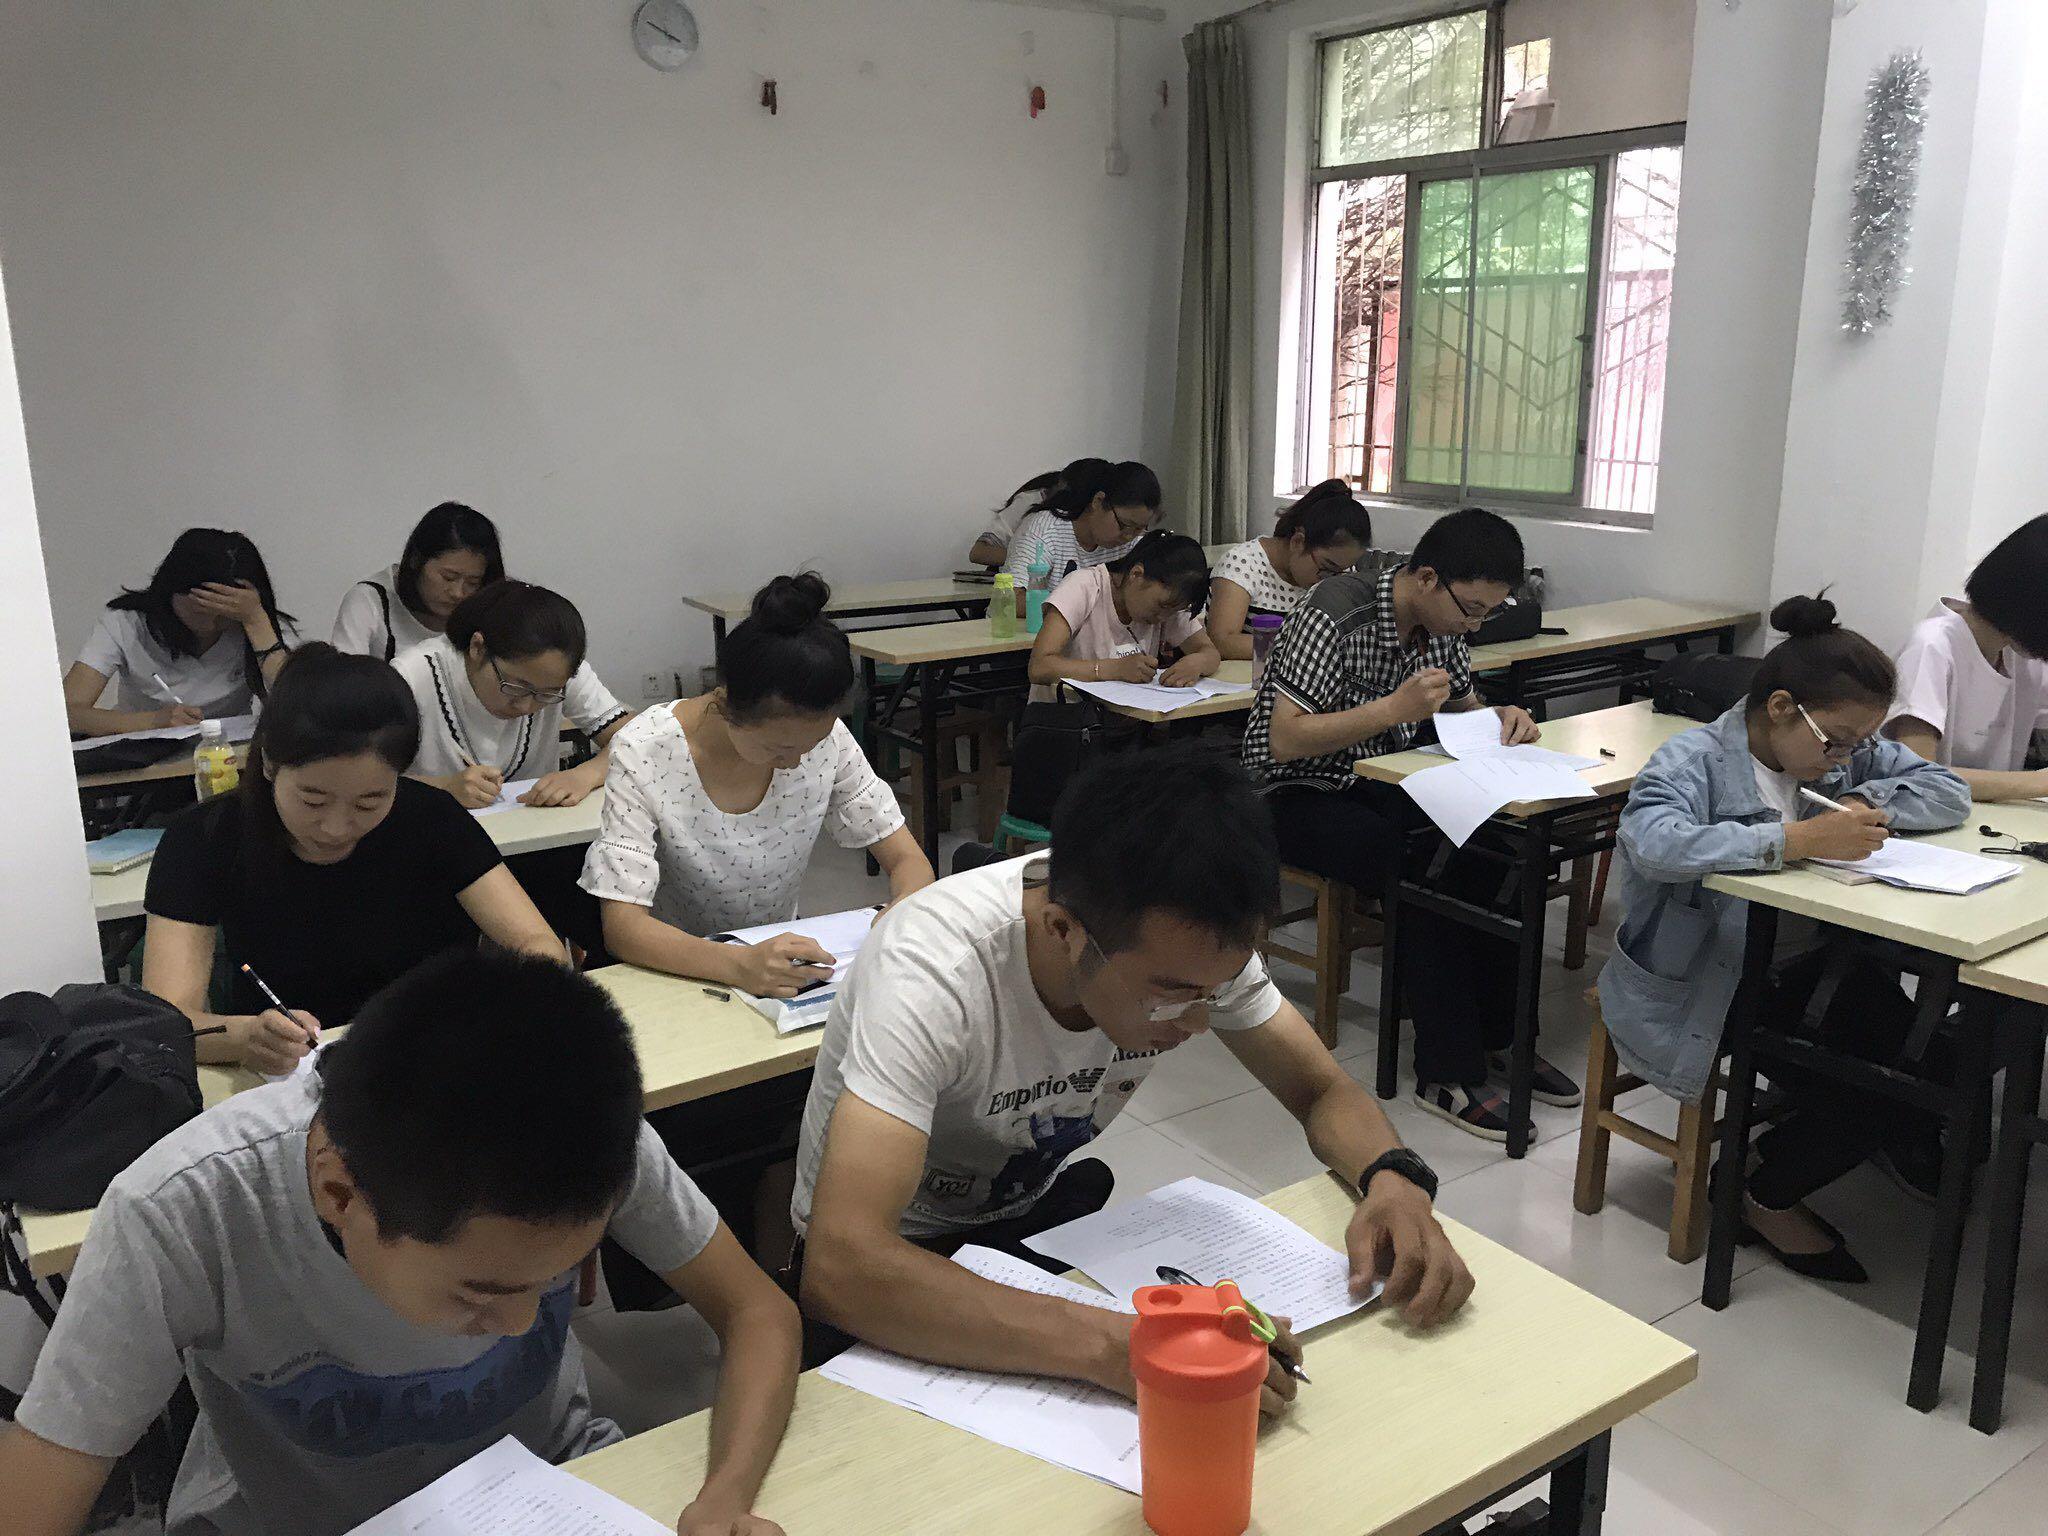 杨凌办公文员短期培训|文秘办公培训|办公自动化培训学校